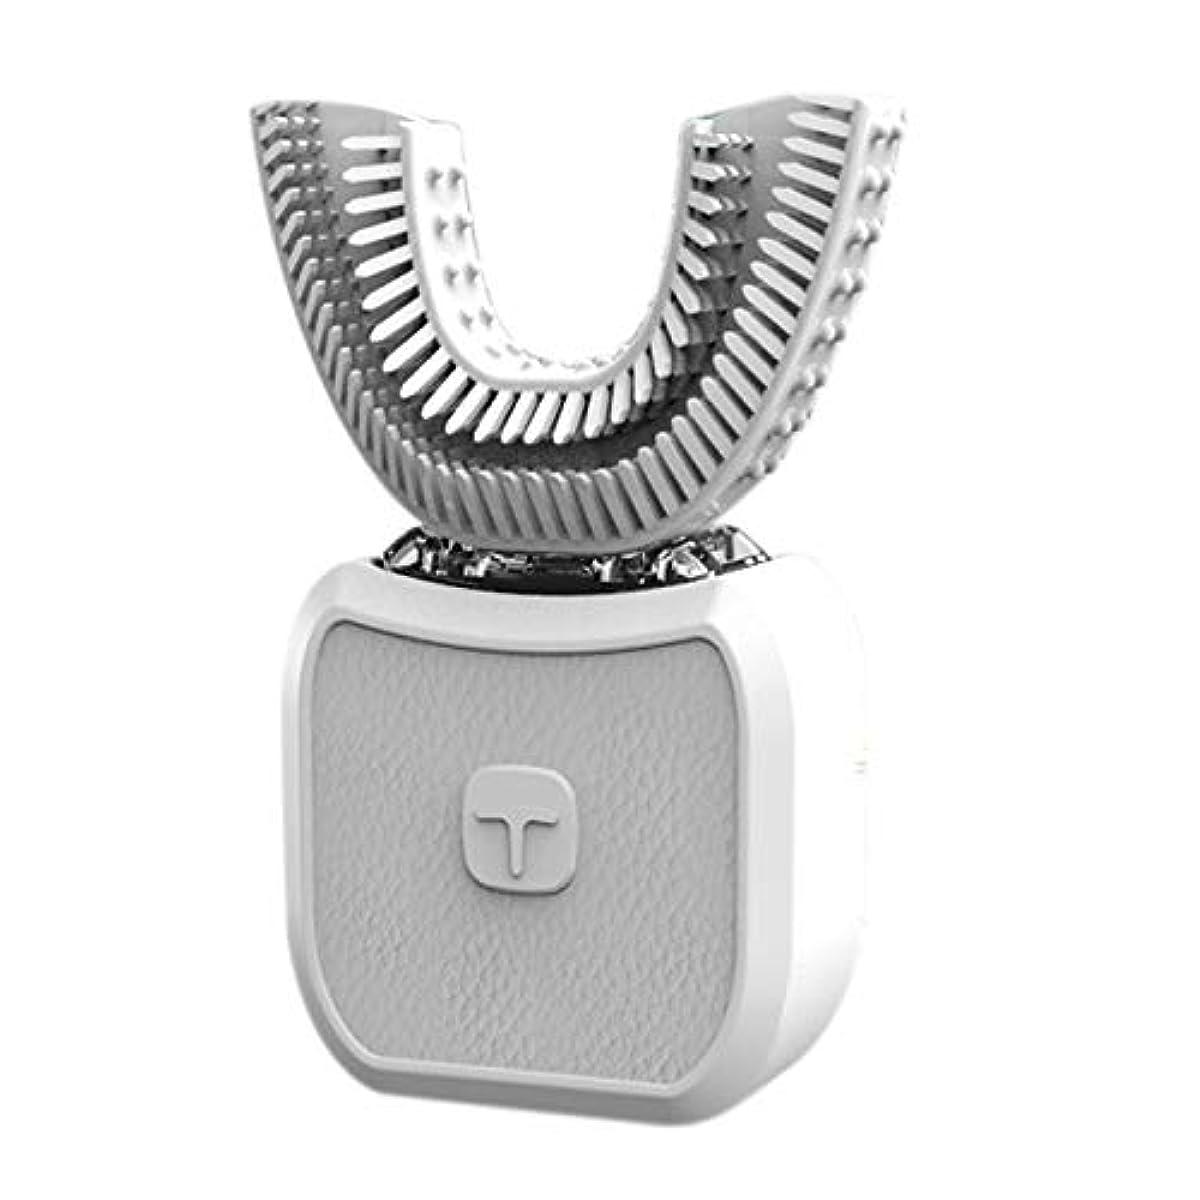 ミッション安全高尚なフルオートマチック可変周波数電動歯ブラシ、自動360度U字型電動歯ブラシ、ワイヤレス充電IPX7防水自動歯ブラシ(大人用),White